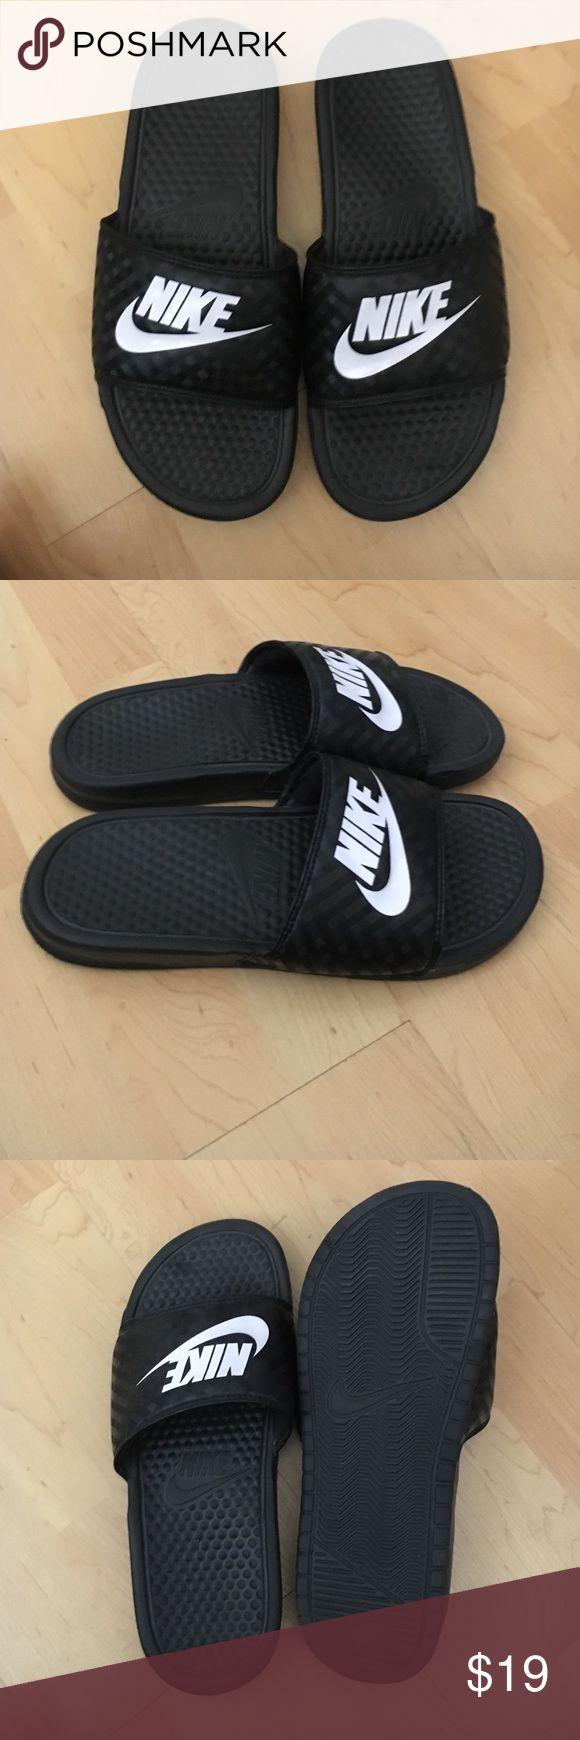 Women's Nike slip on sandals Women's size 8 slip on Nike sandals. Worn once with socks . Nike Shoes Slippers